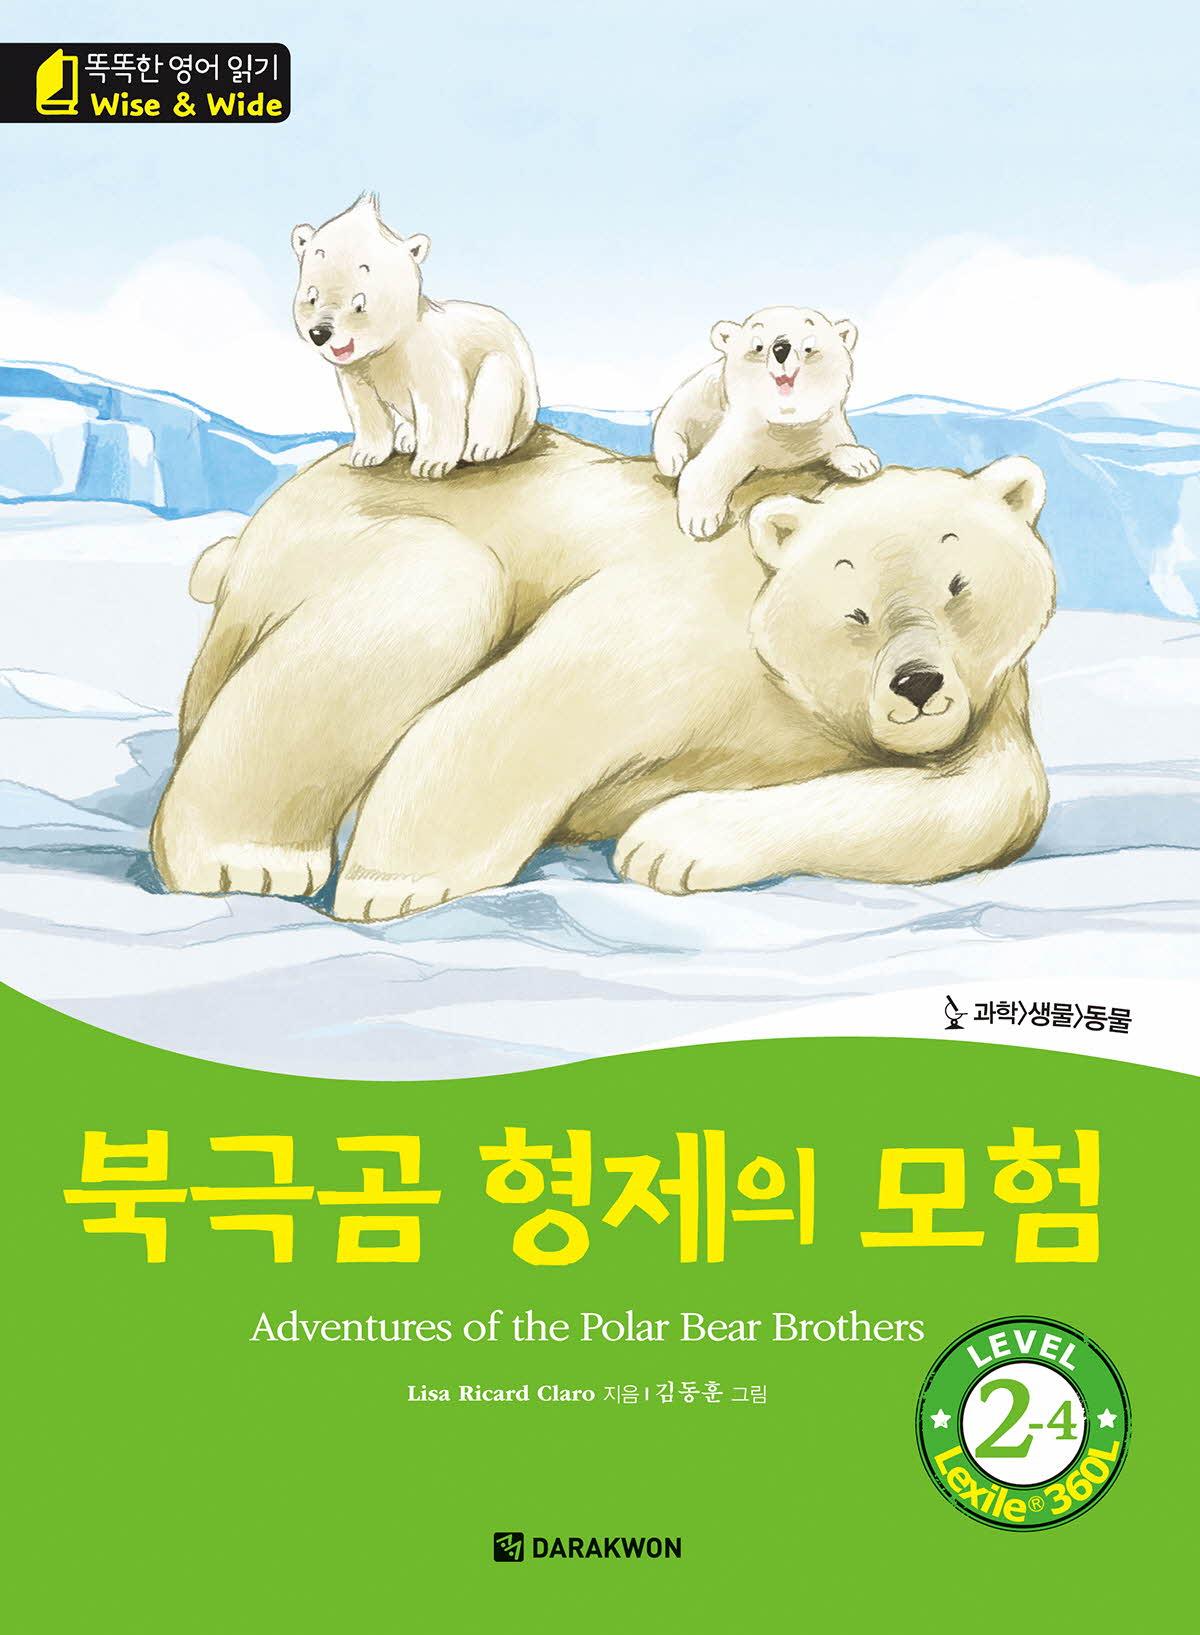 <a href='contents.php?cs_code=CS201803120014'>북극곰 형제의 모험 (..</a> 책표지